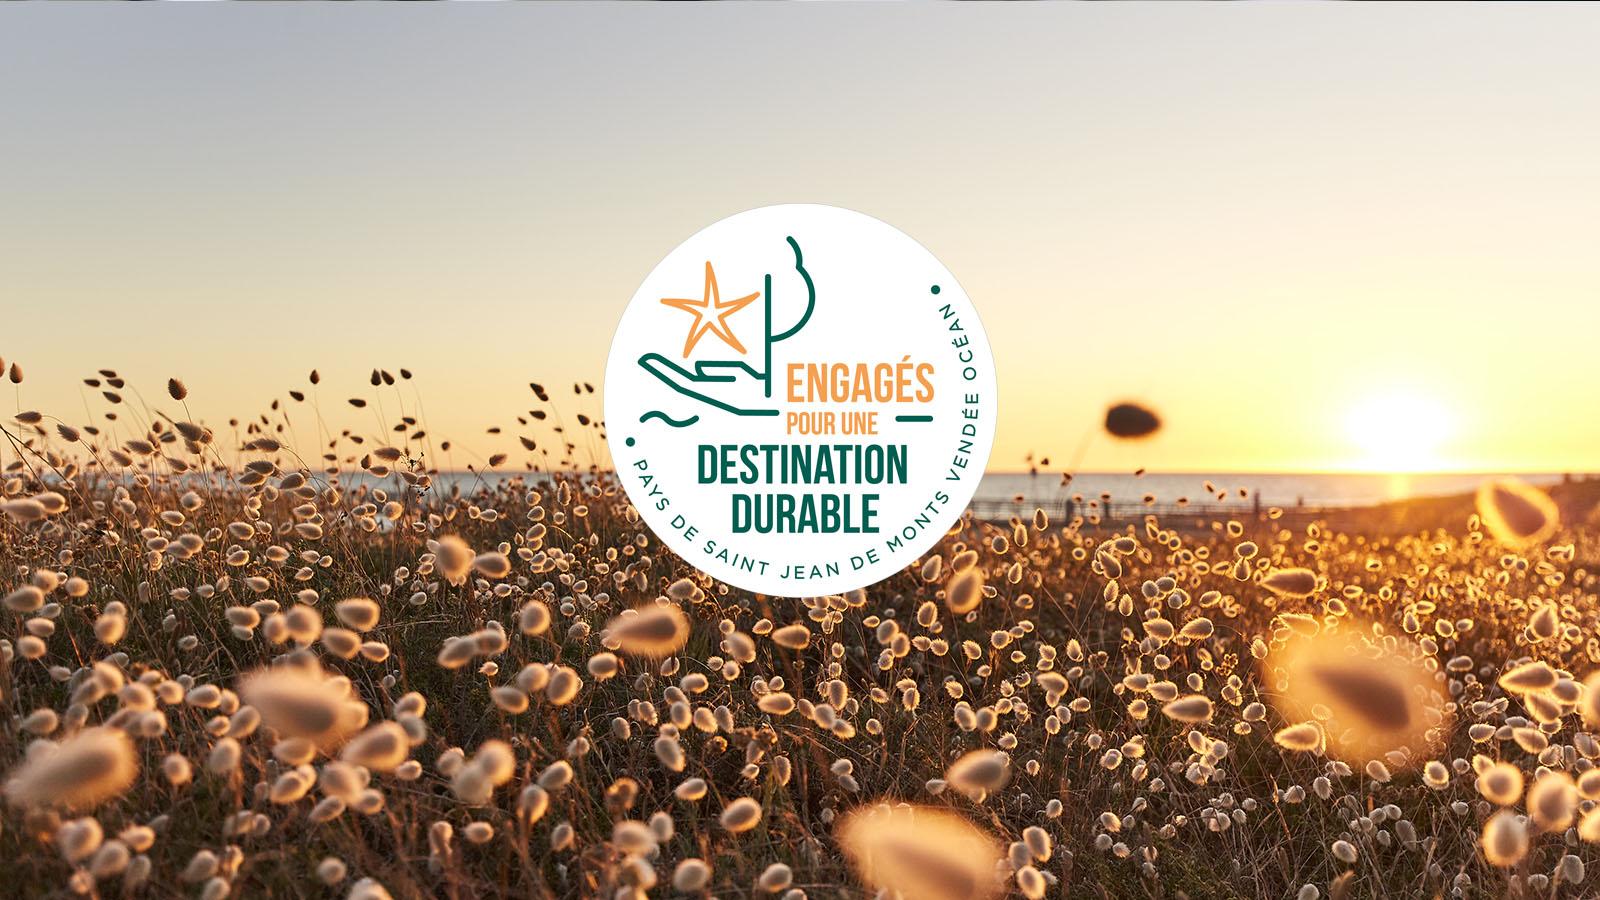 gütesiegel-nachhaltiger-tourismus-alamoureux-pays-de-saint-jean-de-monts